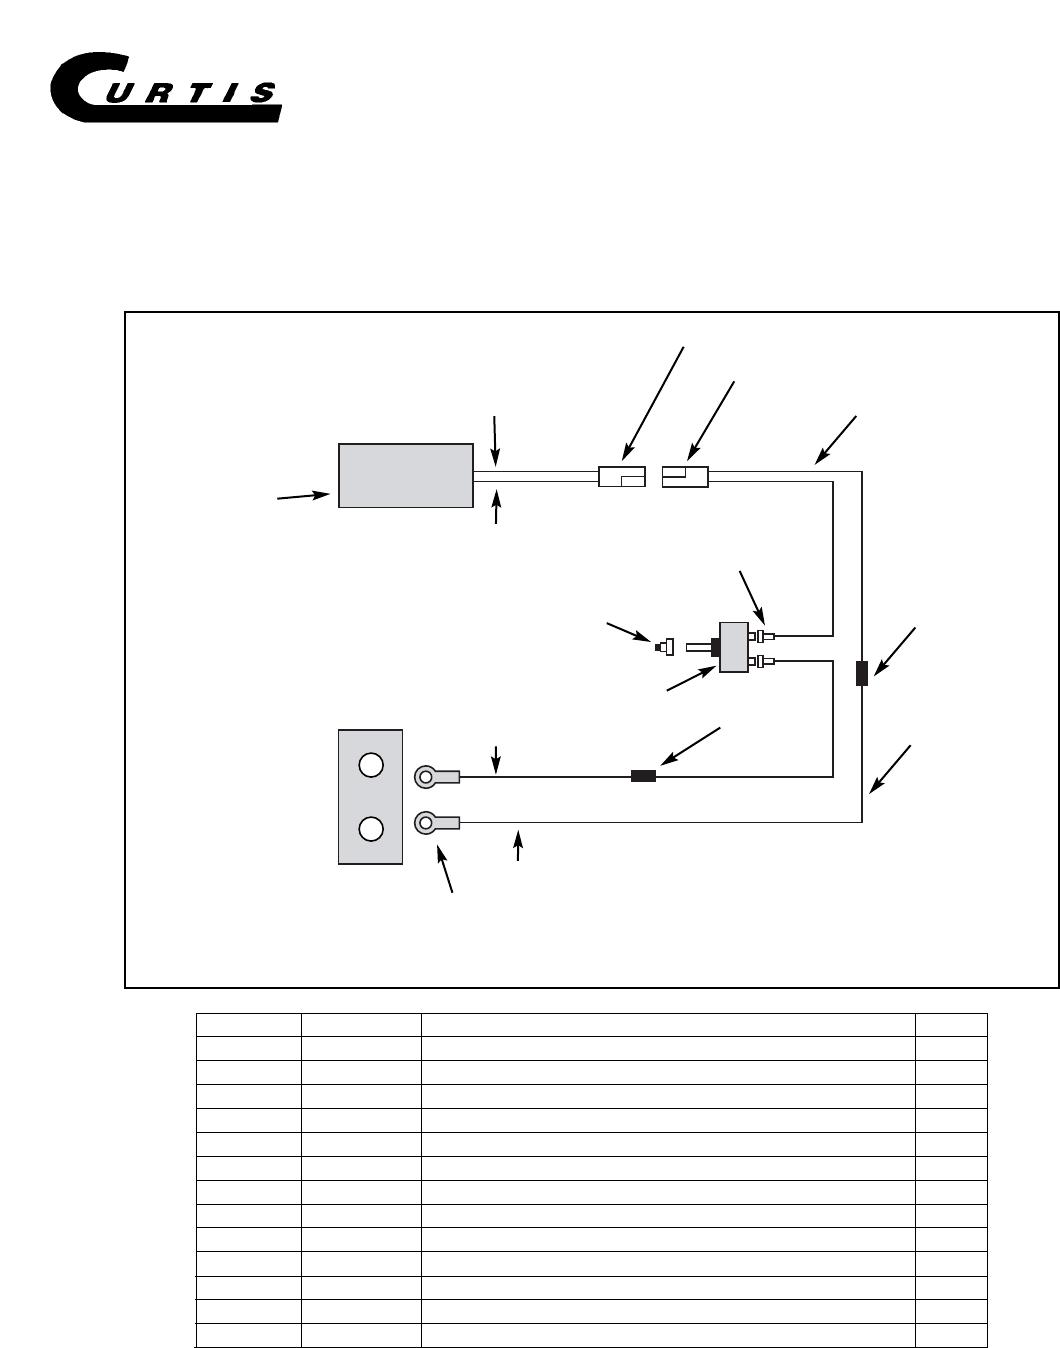 Curtis 3000 175 2000 4000 Fast Cast Wiring Schematic Diagram